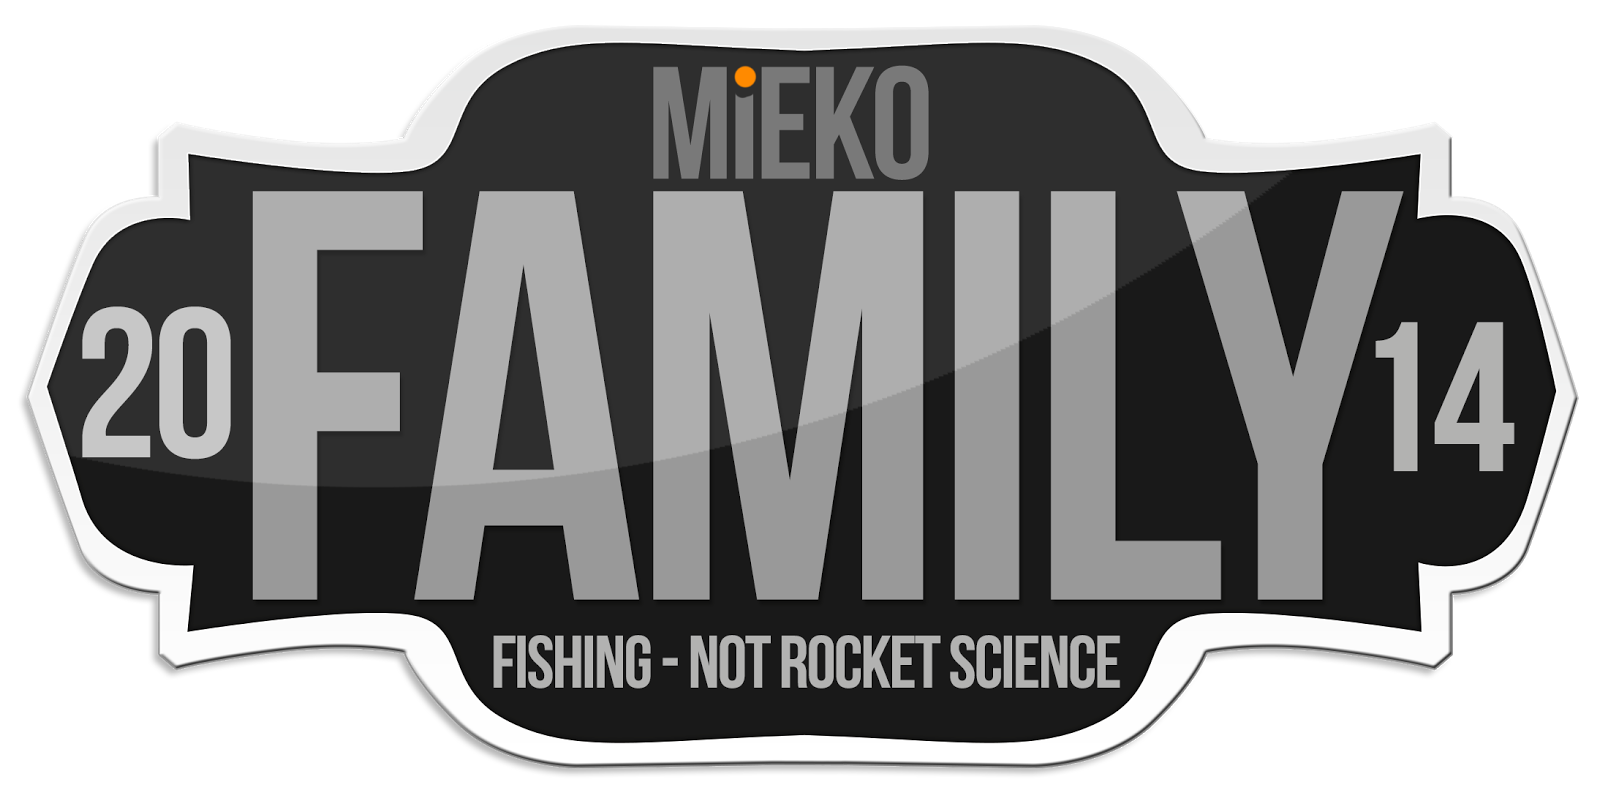 MIEKO FAMILY